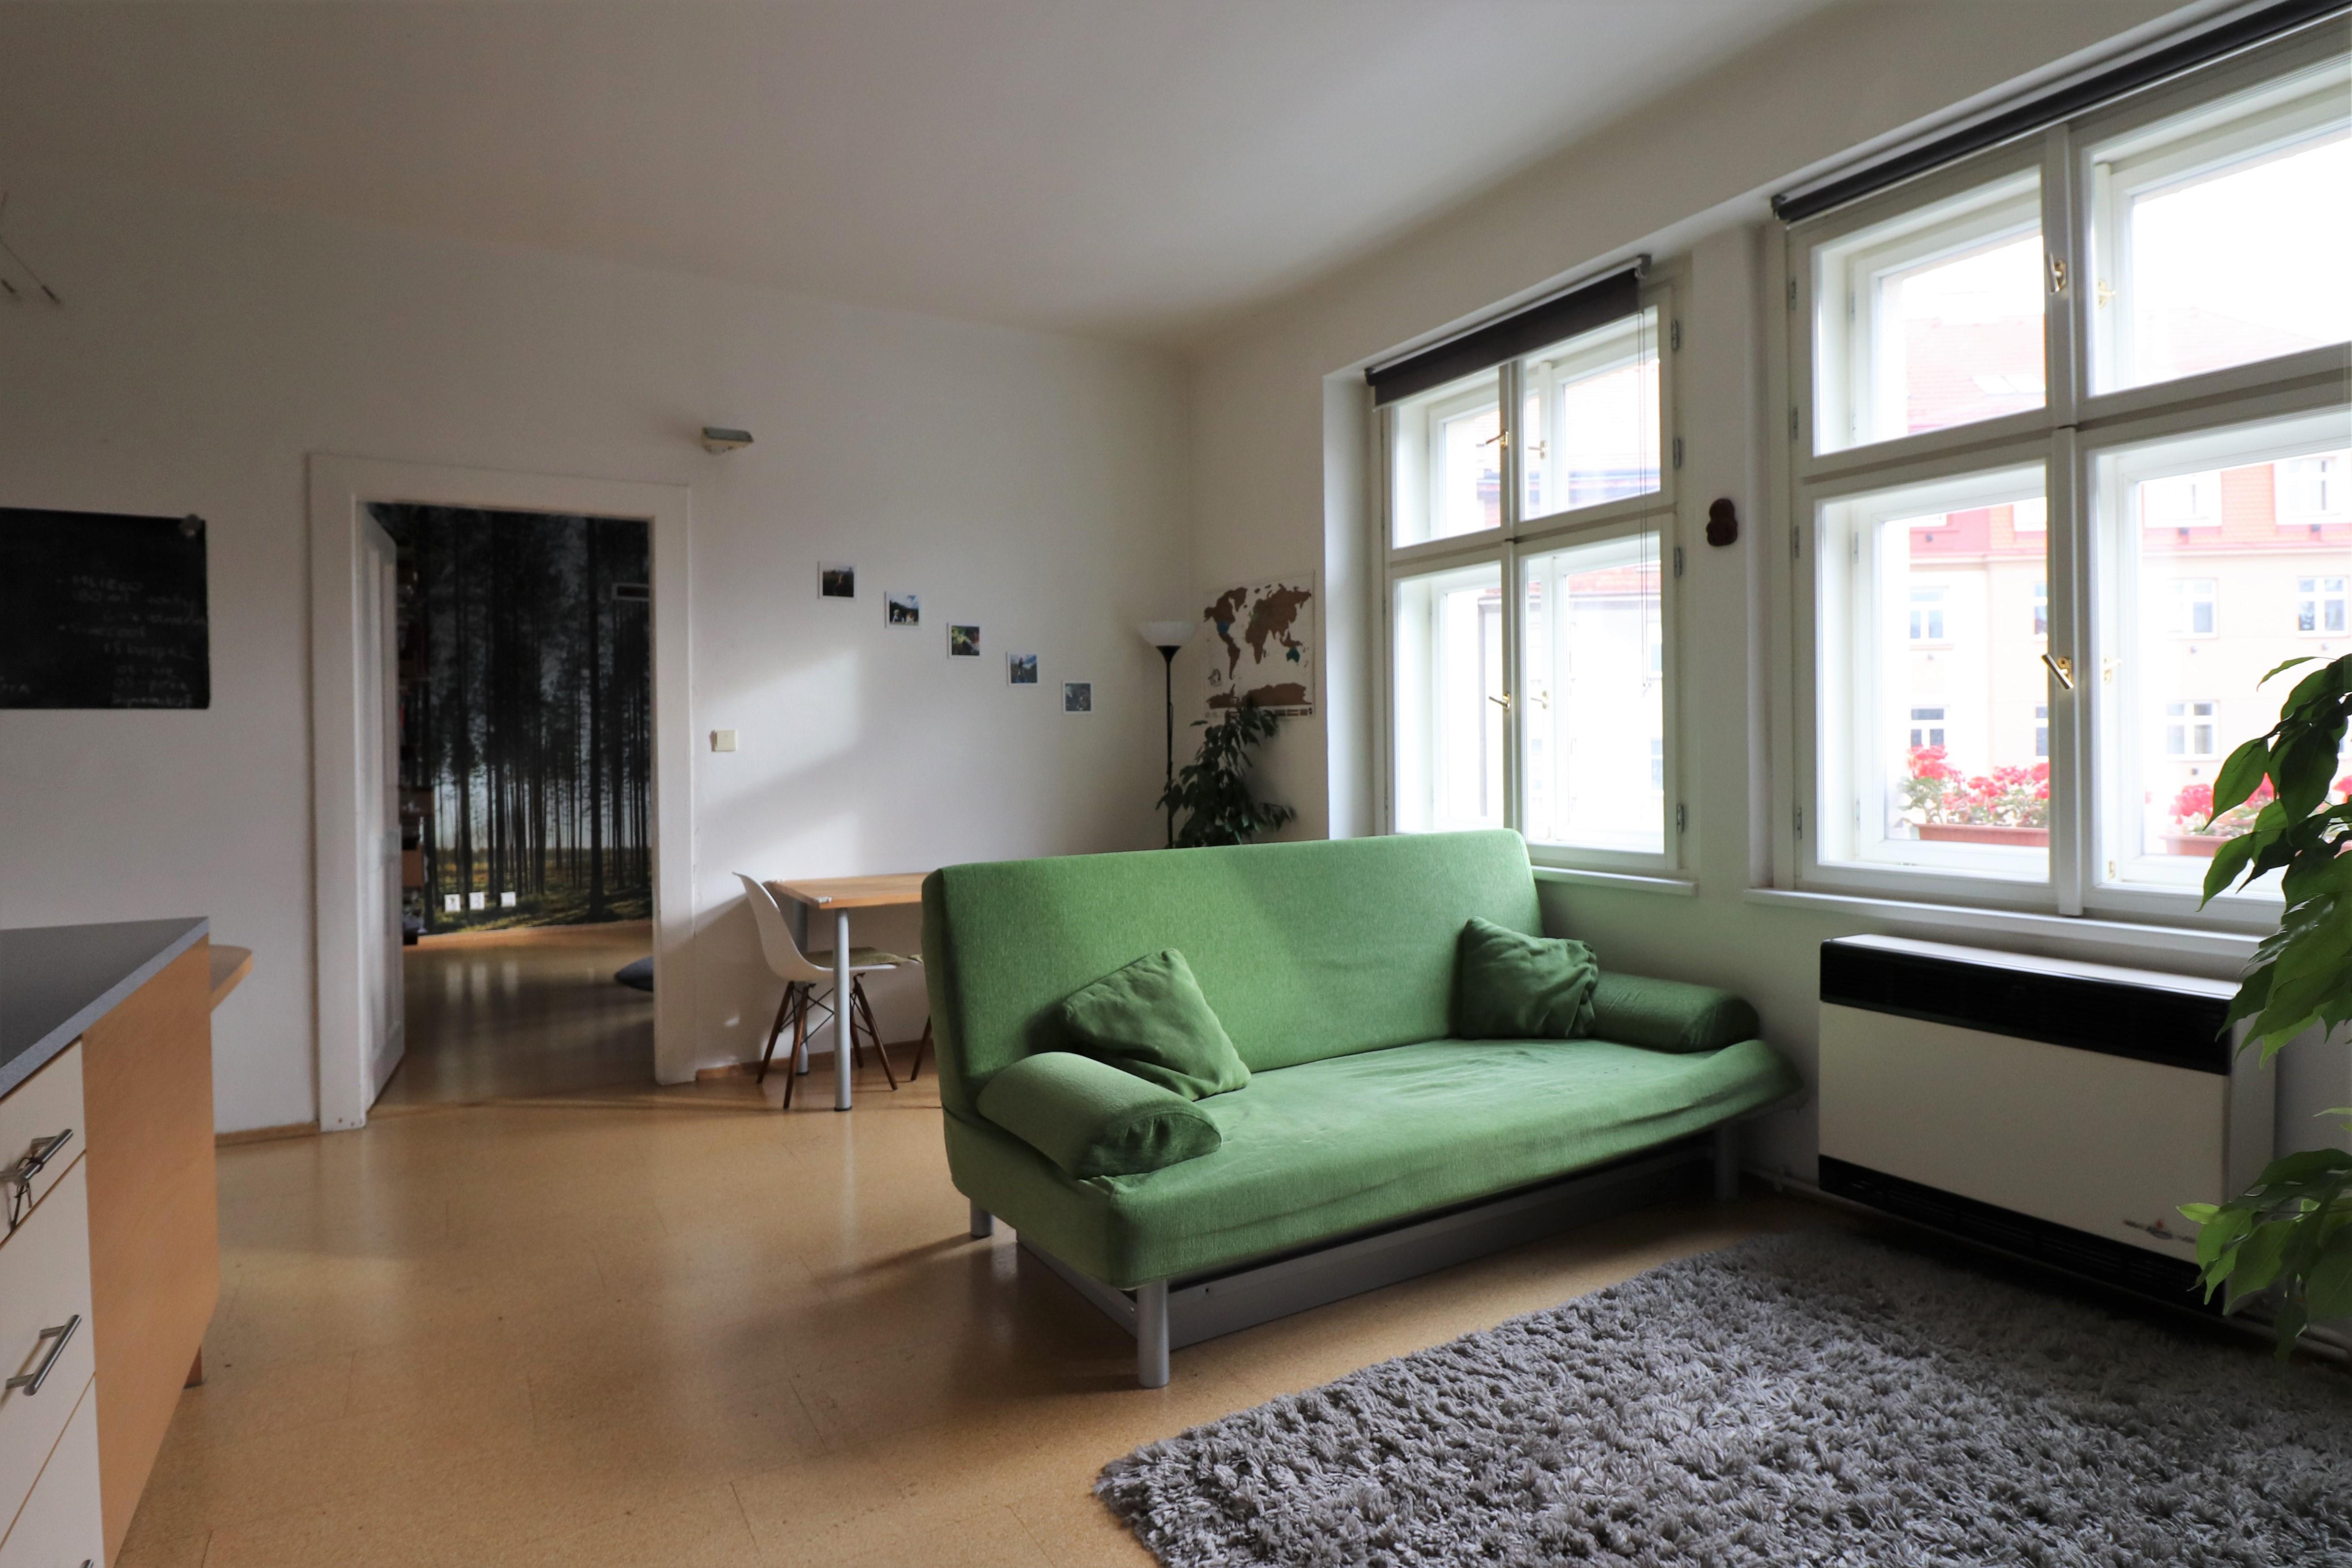 Pronájem bytu 2+kk - Praha 4